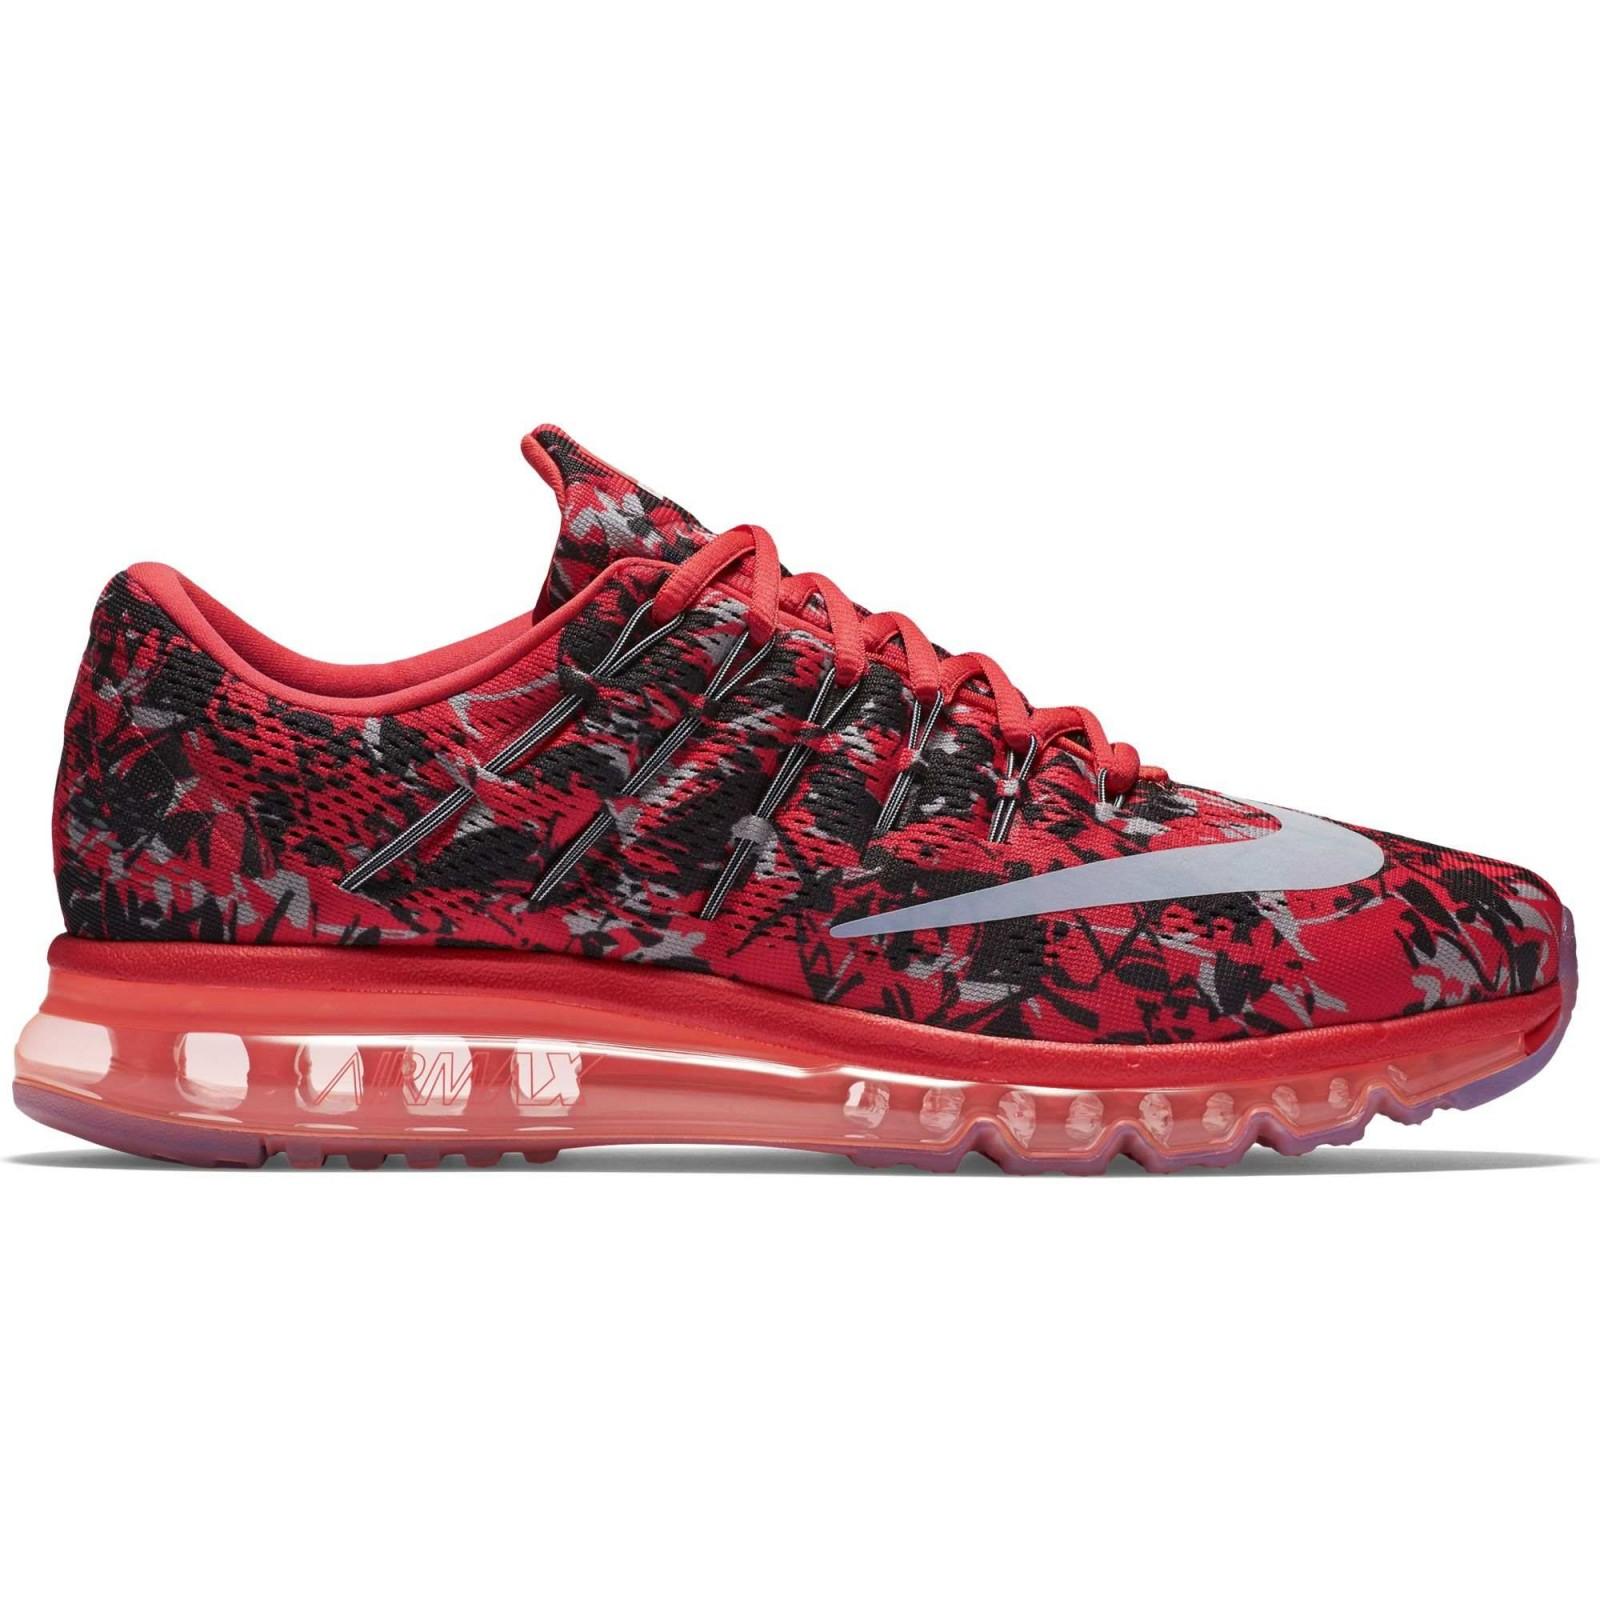 Pánské boty Nike AIR MAX 2016 PRINT červené